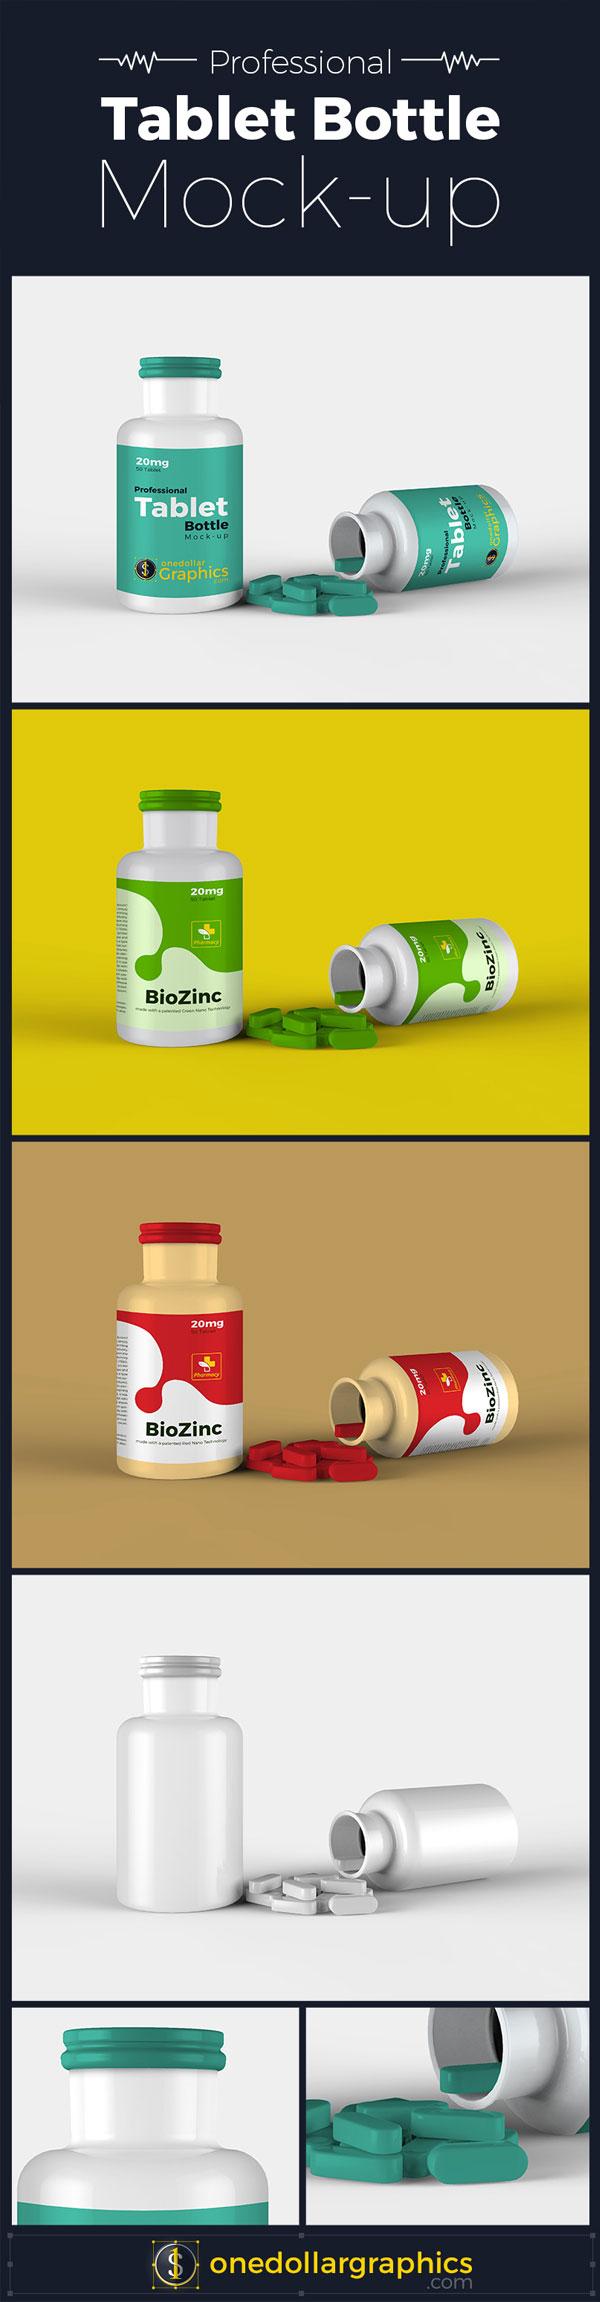 medicine-packaging-bottle-mock-up-psd